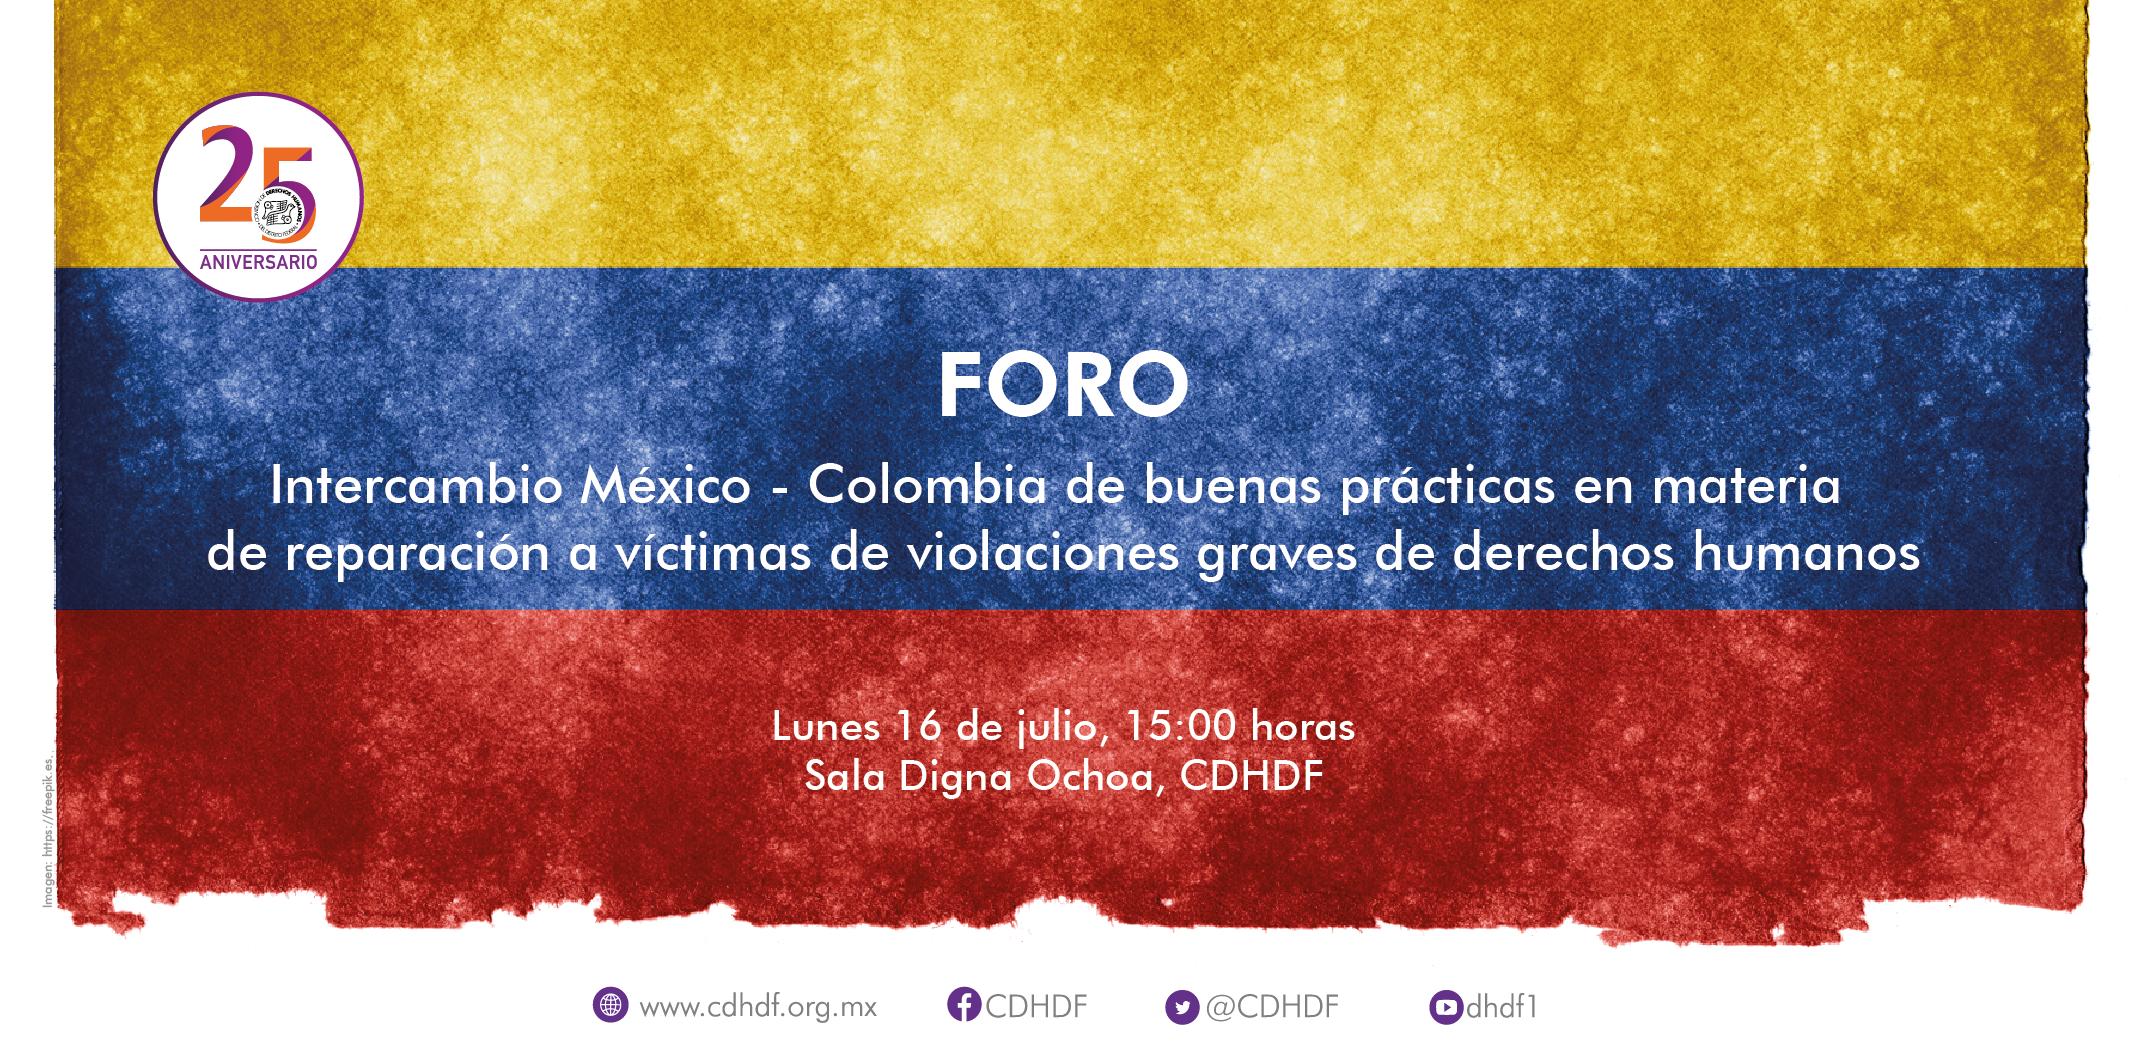 Foro Intercambio México-Colombia de buenas prácticas en materia de reparación a víctimas de violaciones graves de derechos humanos @ CDHDF